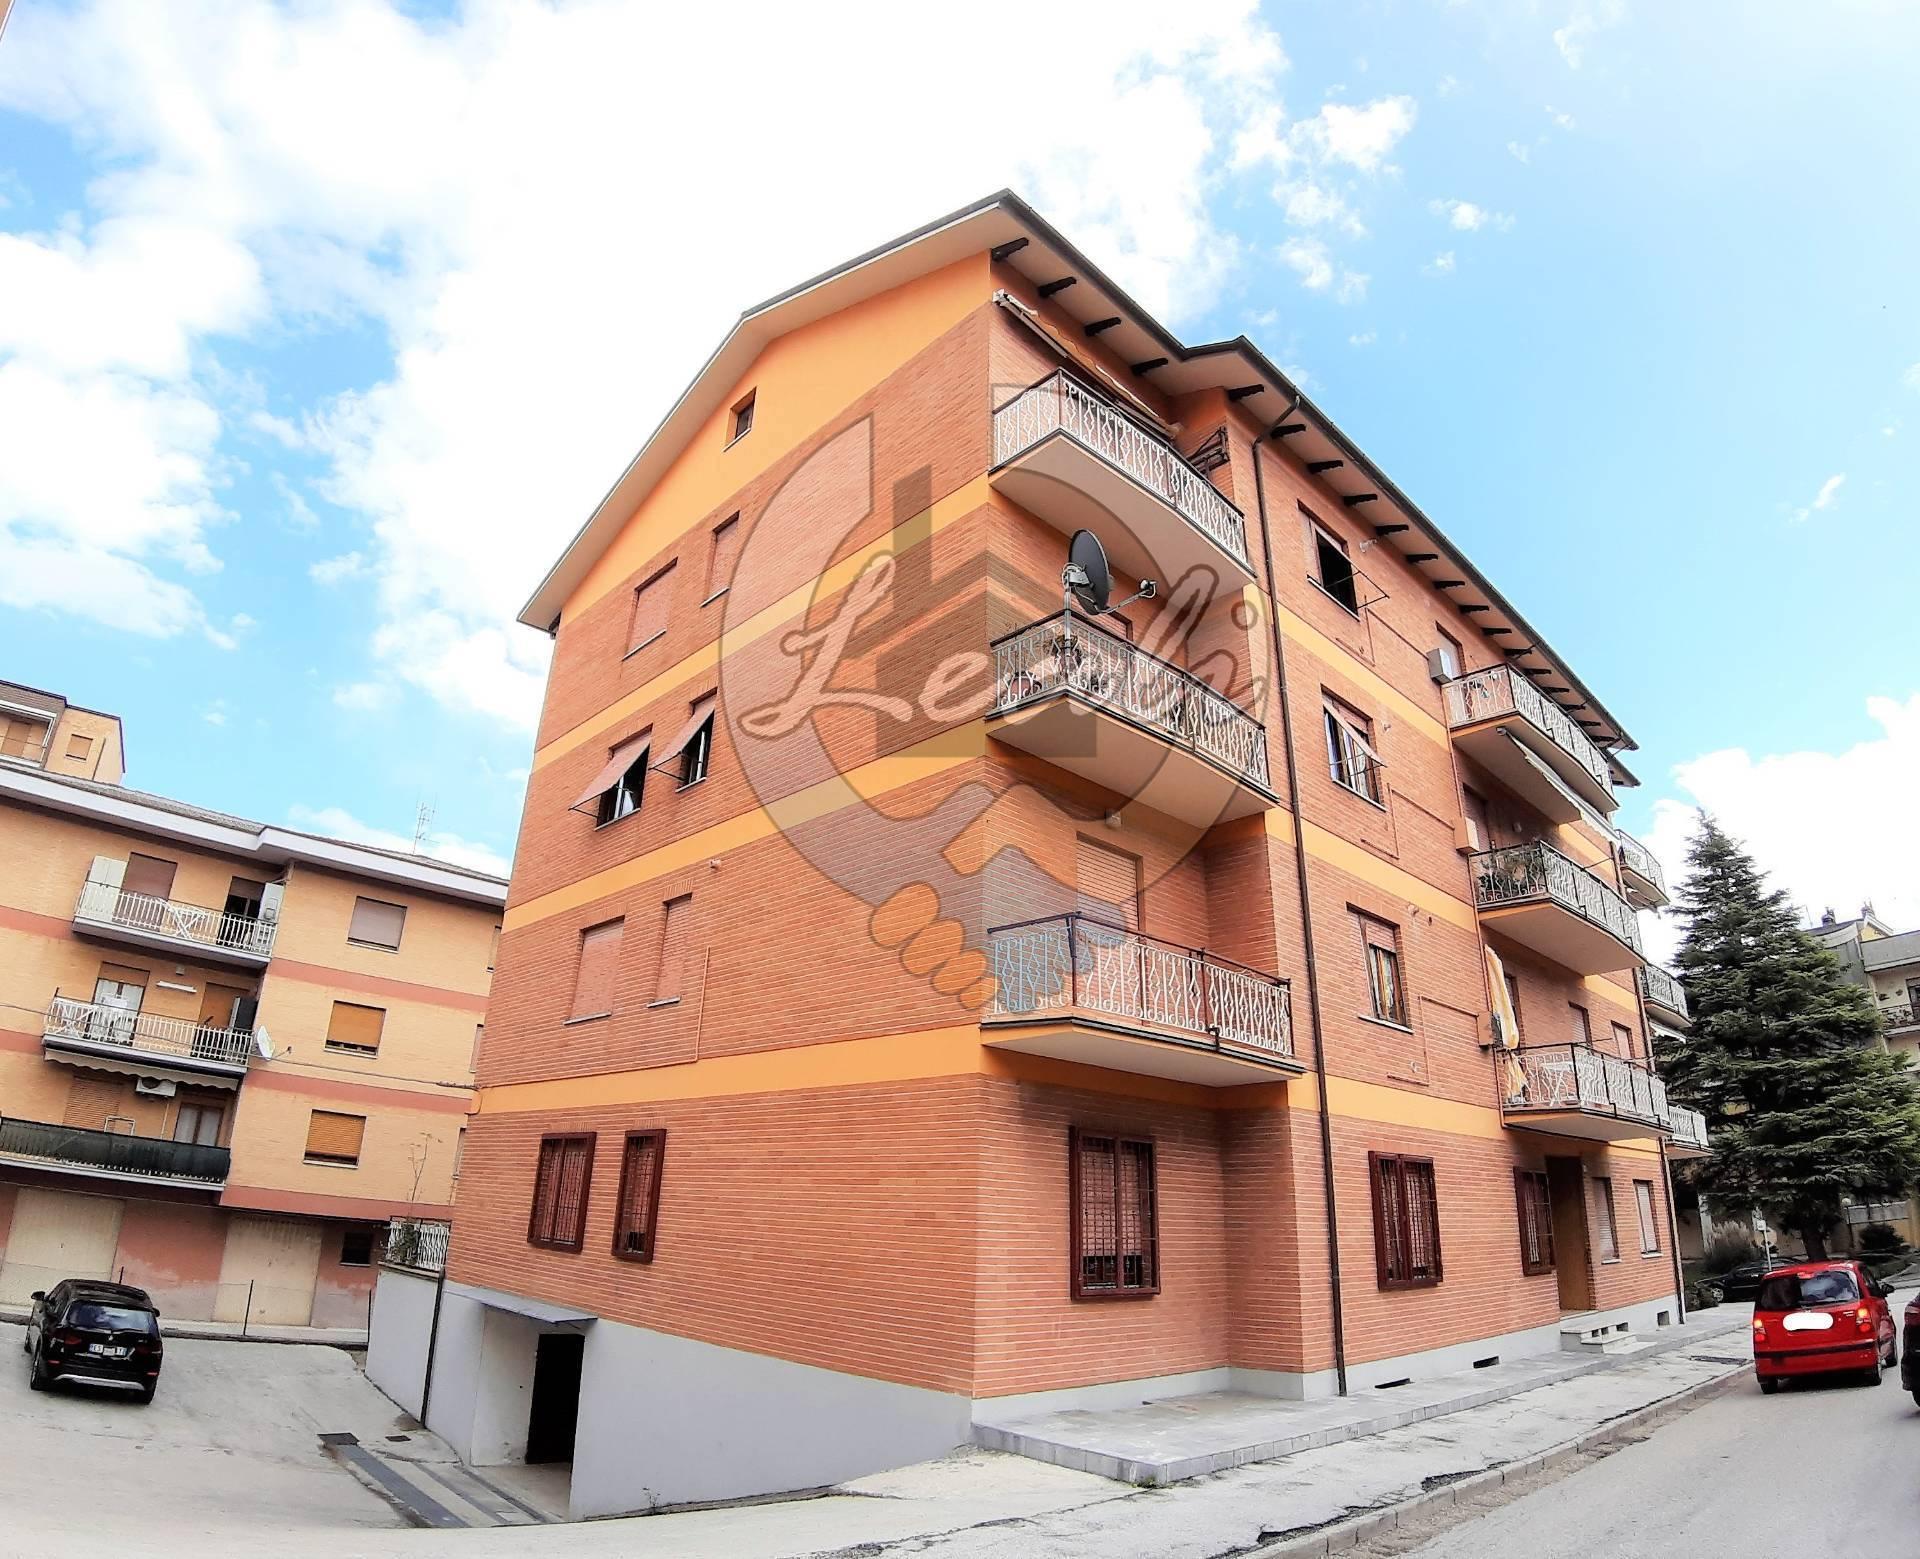 Appartamento in vendita a Tolentino, 5 locali, prezzo € 89.000 | CambioCasa.it